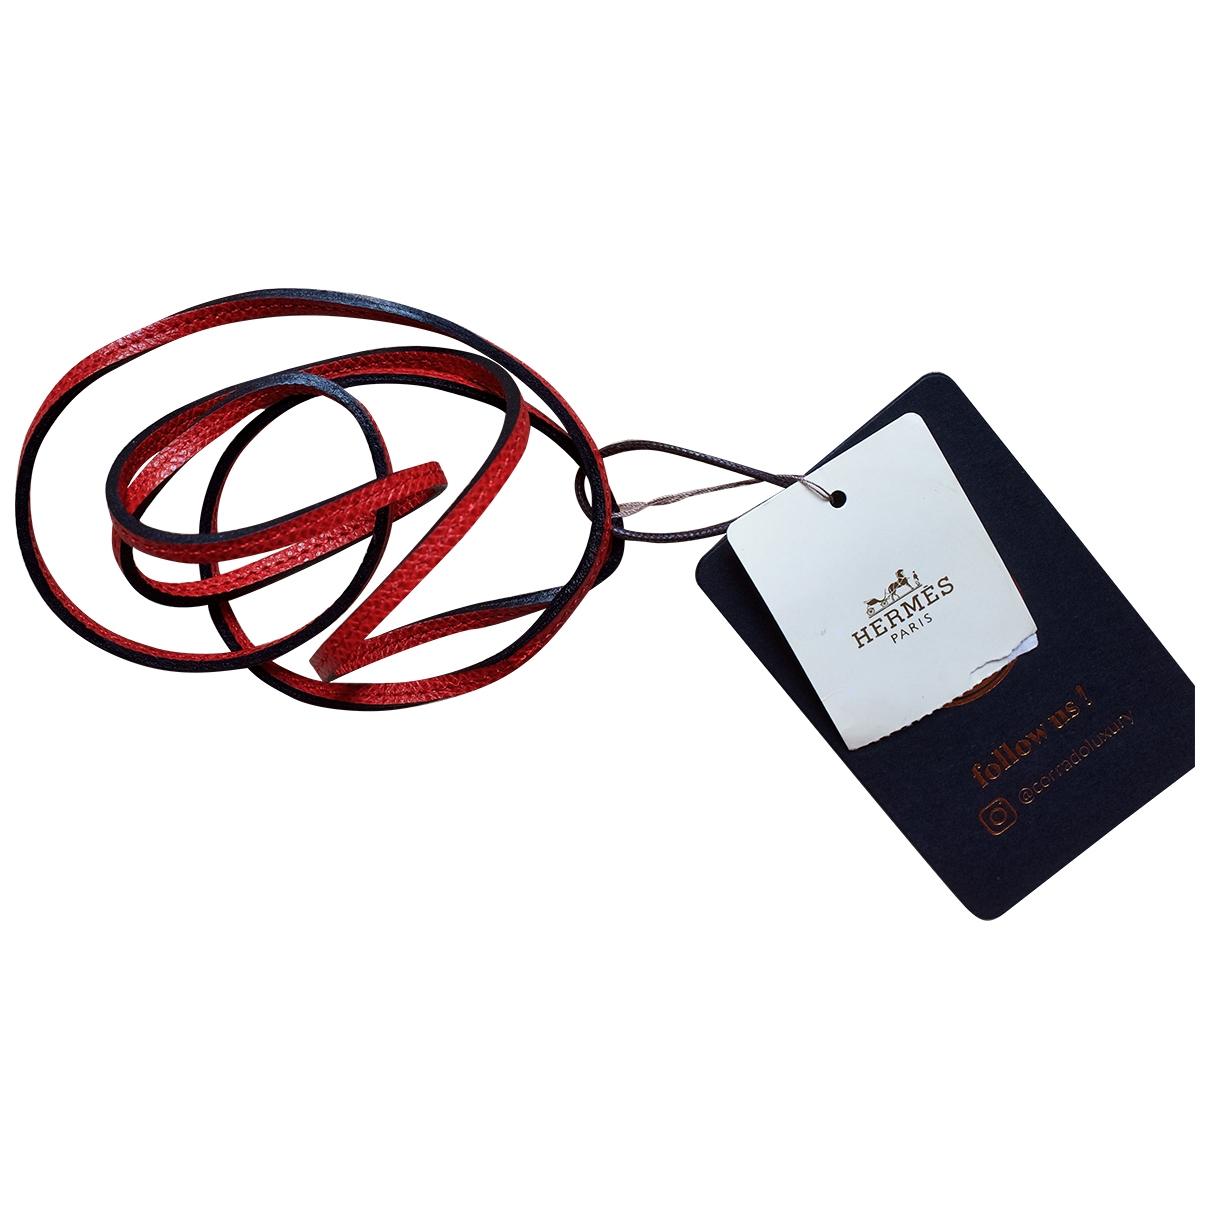 Hermes - Collier   pour femme en cuir - rouge